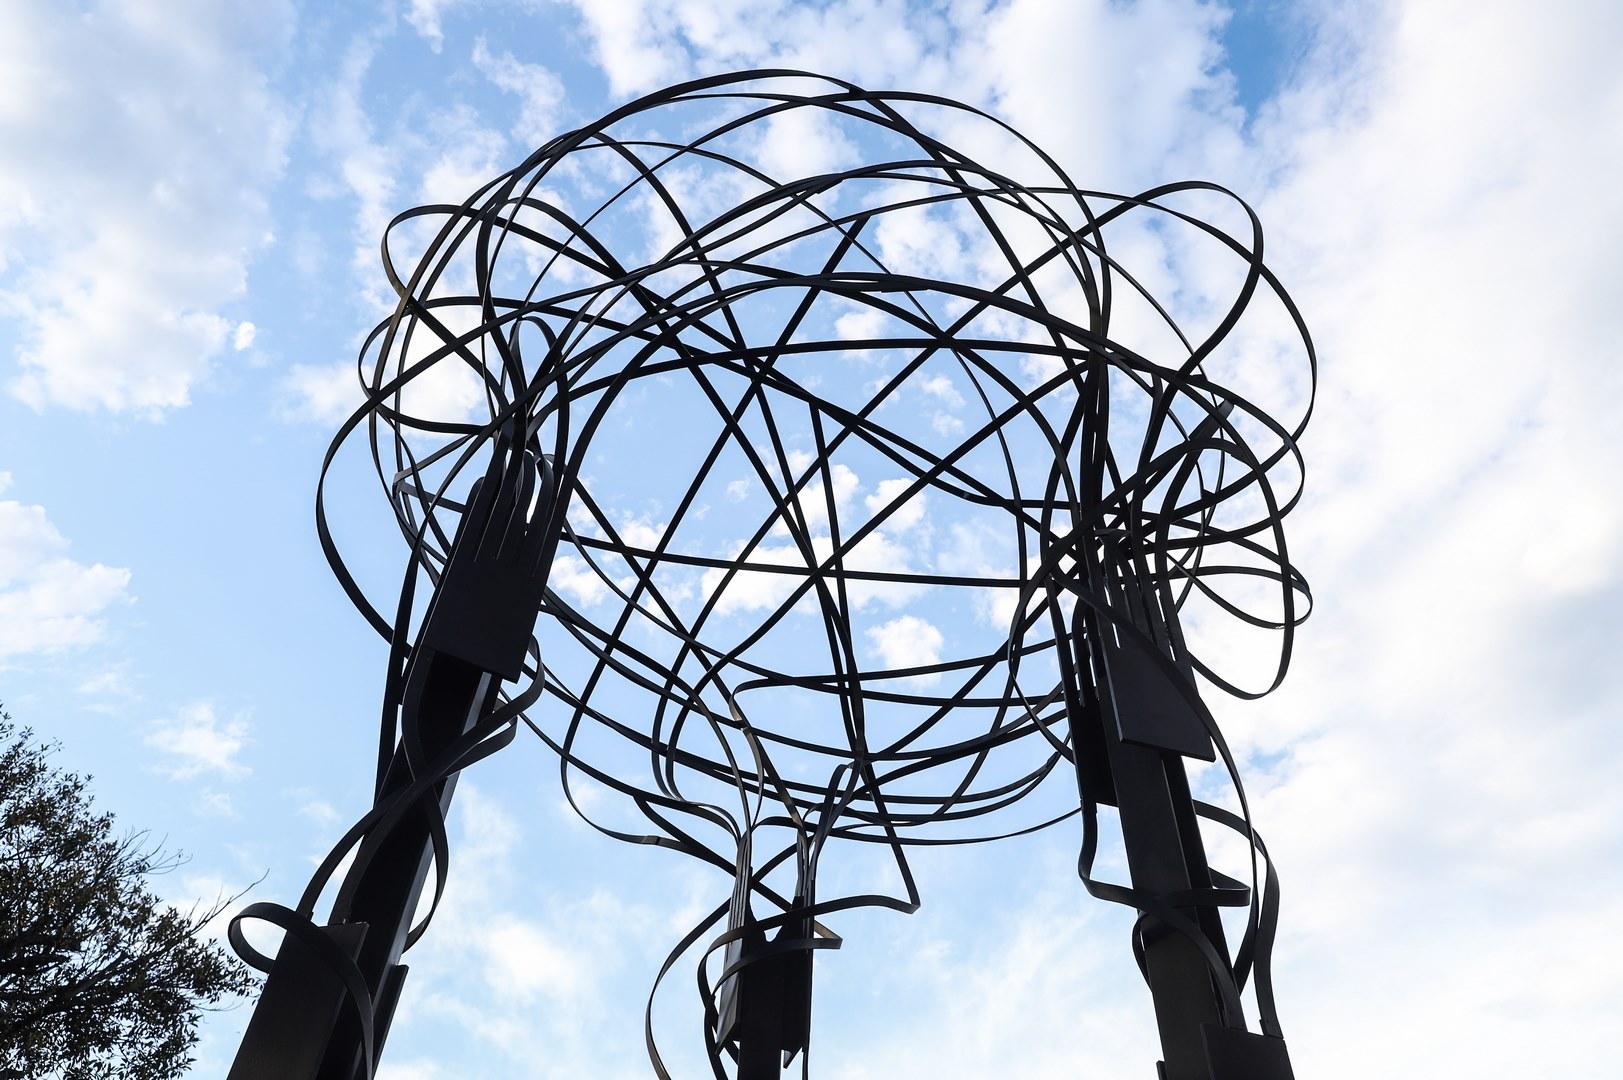 Se trata de la primera obra del artista, entregada como donación a la ciudad de Buenos Aires